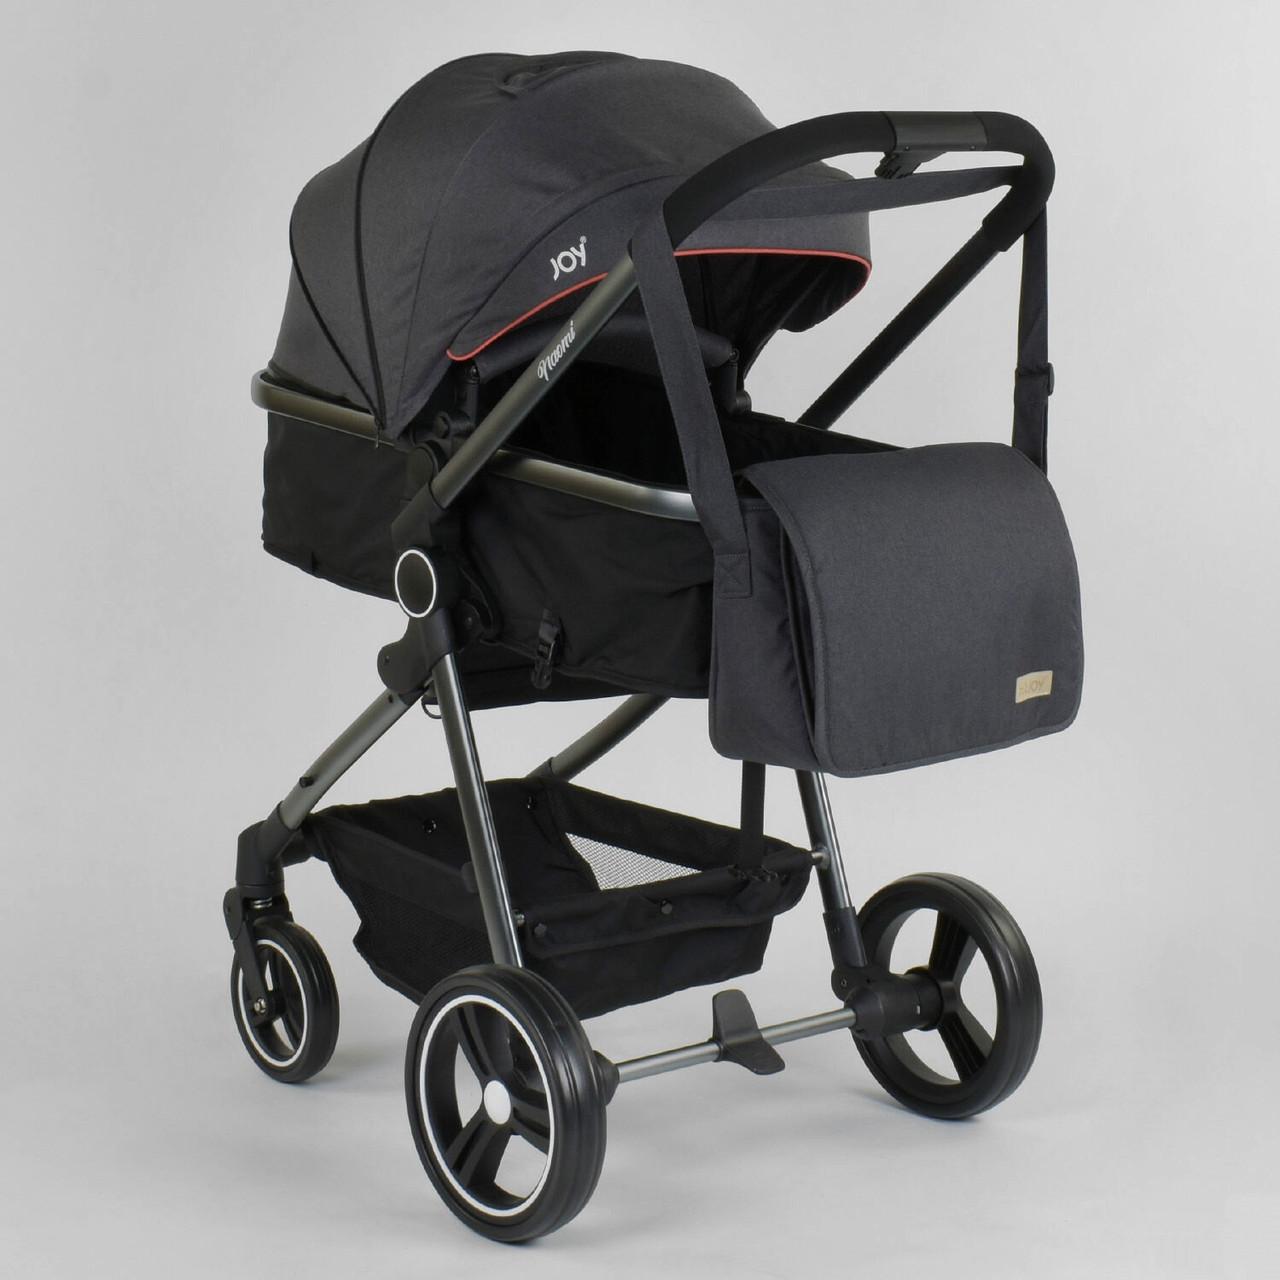 Коляска детская универсальная 2 в 1 JOY Naomi 78141 Темно-серый, сумка, футкавер